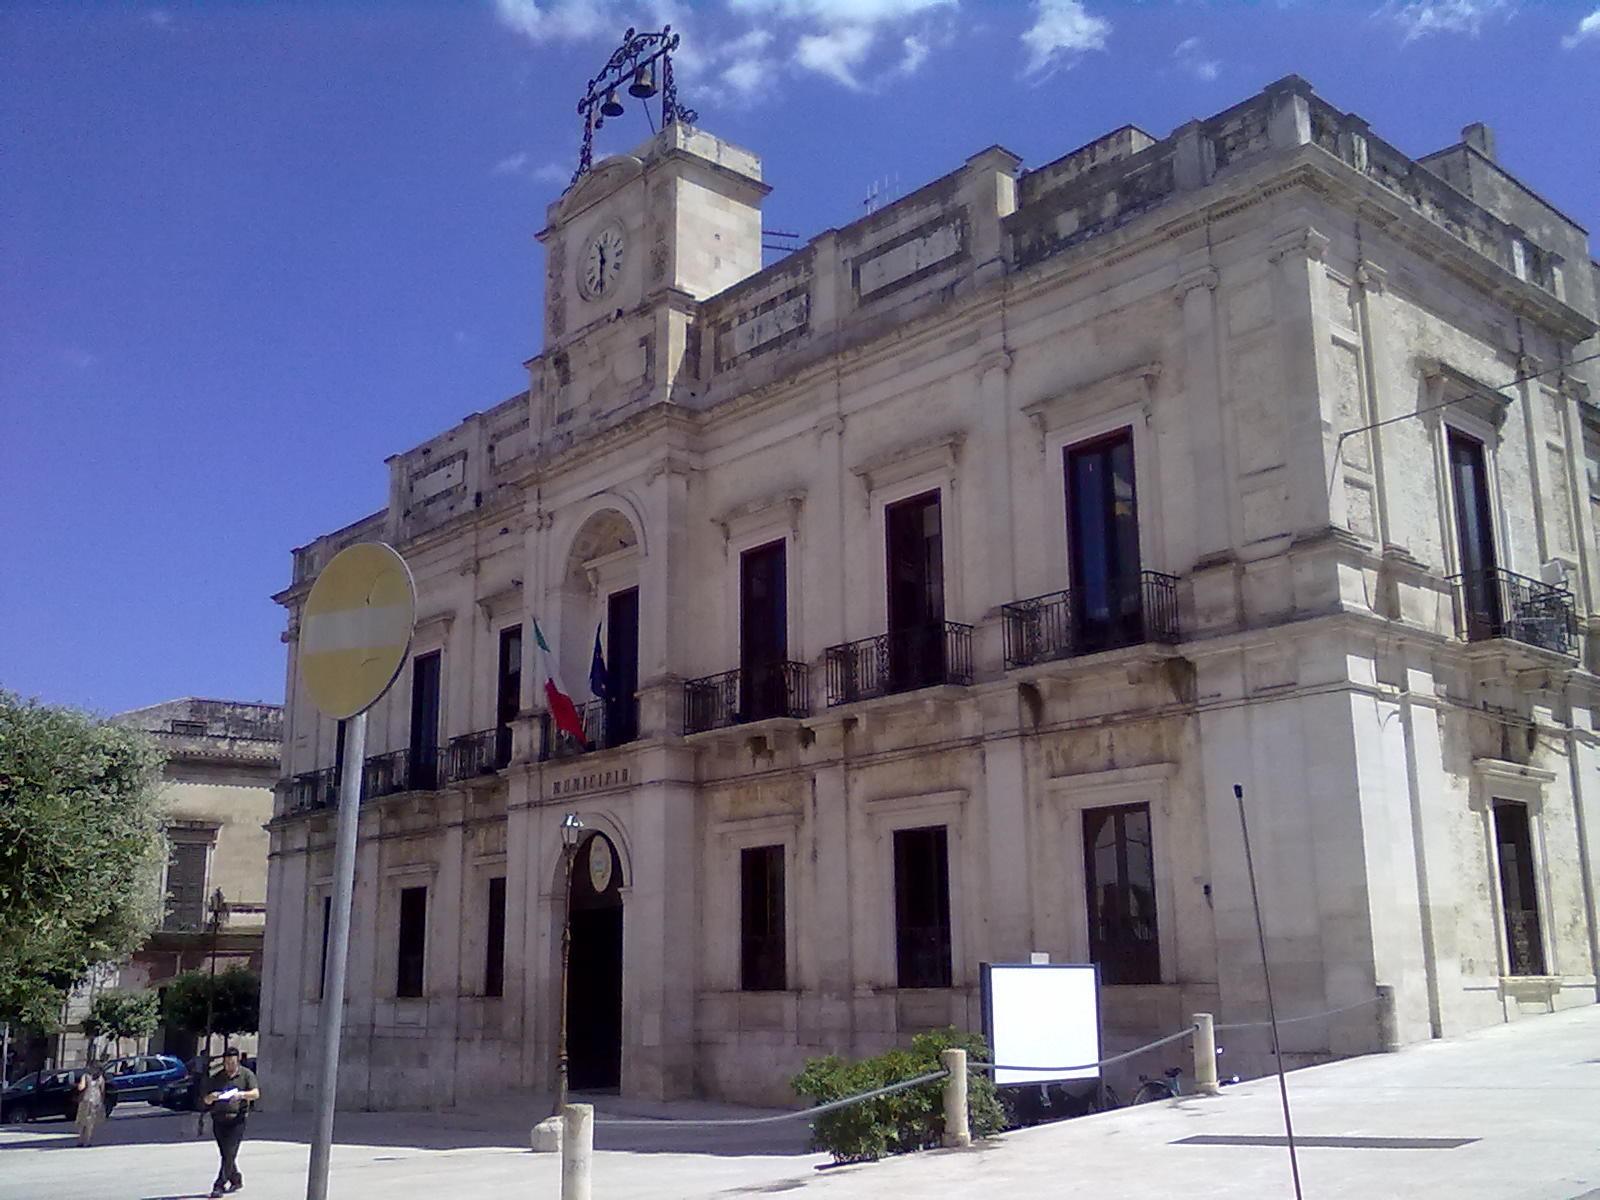 Arresti per tangenti, sospeso consiglio comunale a Gioia del Colle 10